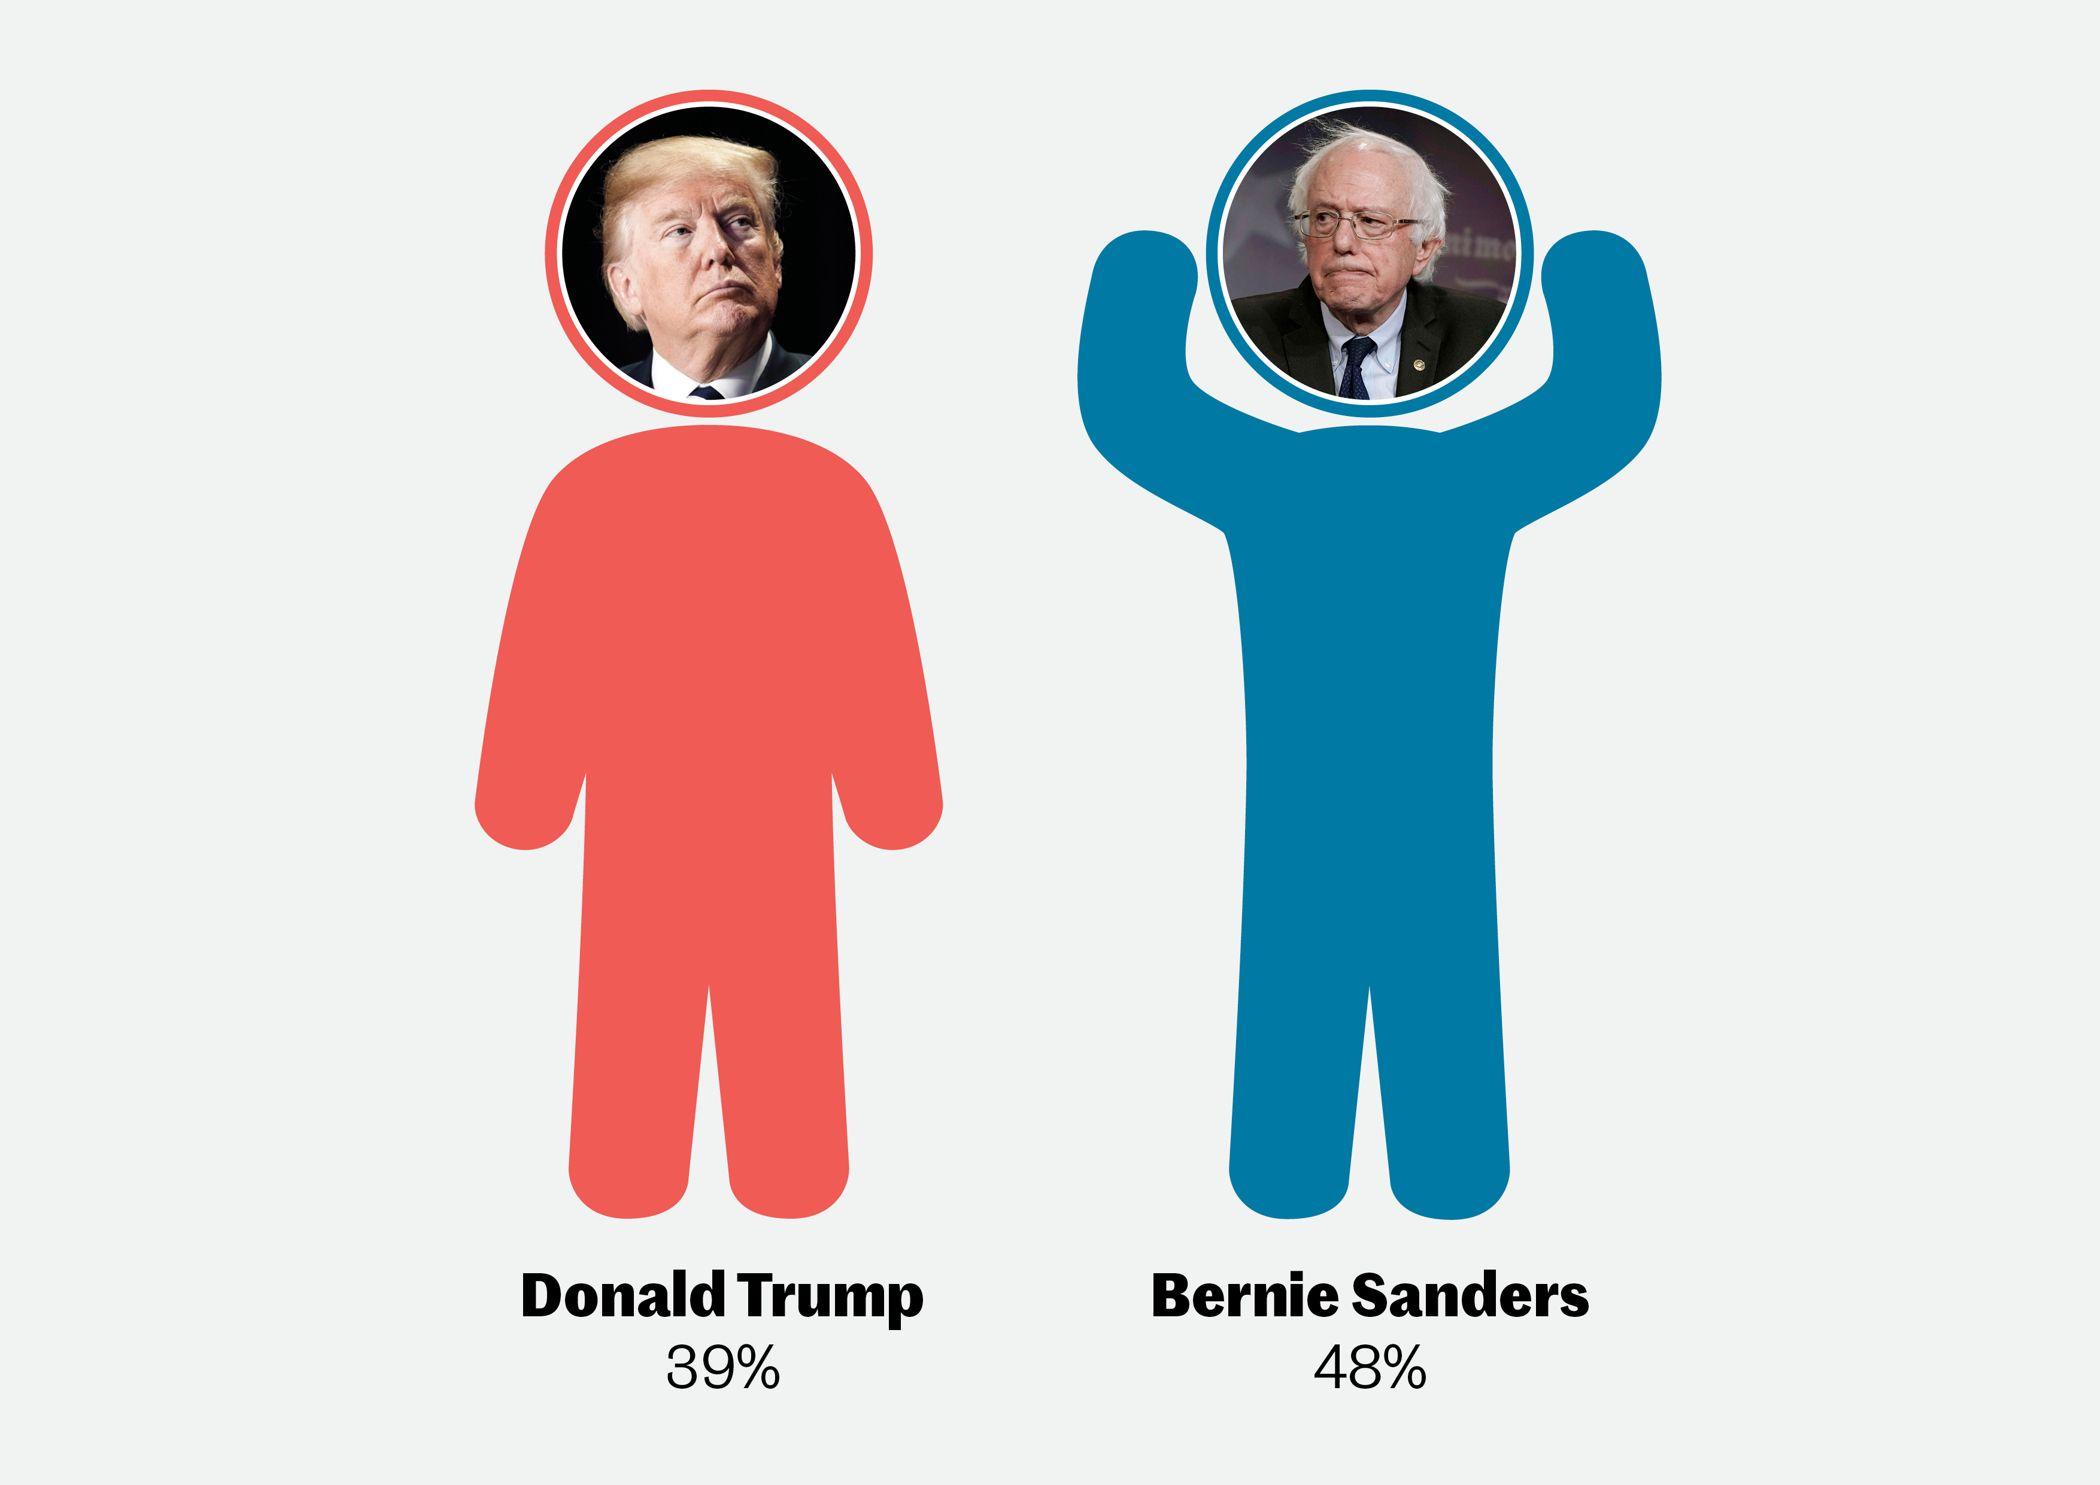 trump_vs_sanders3.jpg